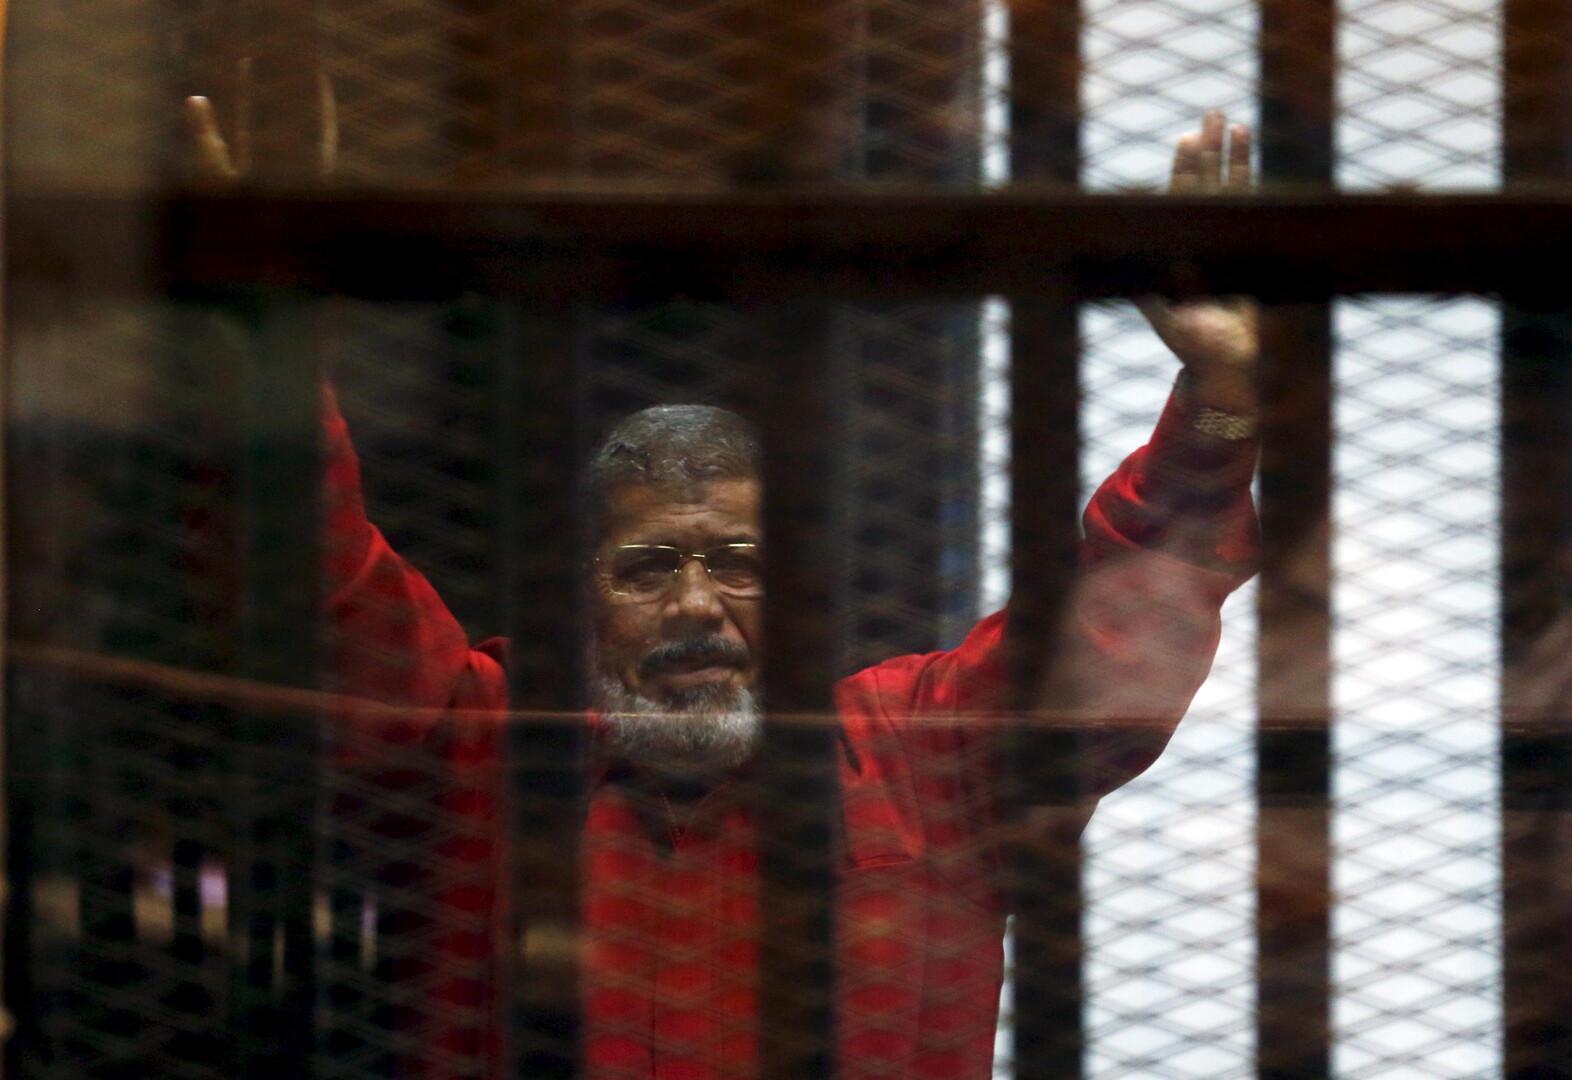 محامي عائلة مرسي لـRT: النيابة فتحت تحقيقا روتينيا في وفاة عبدالله